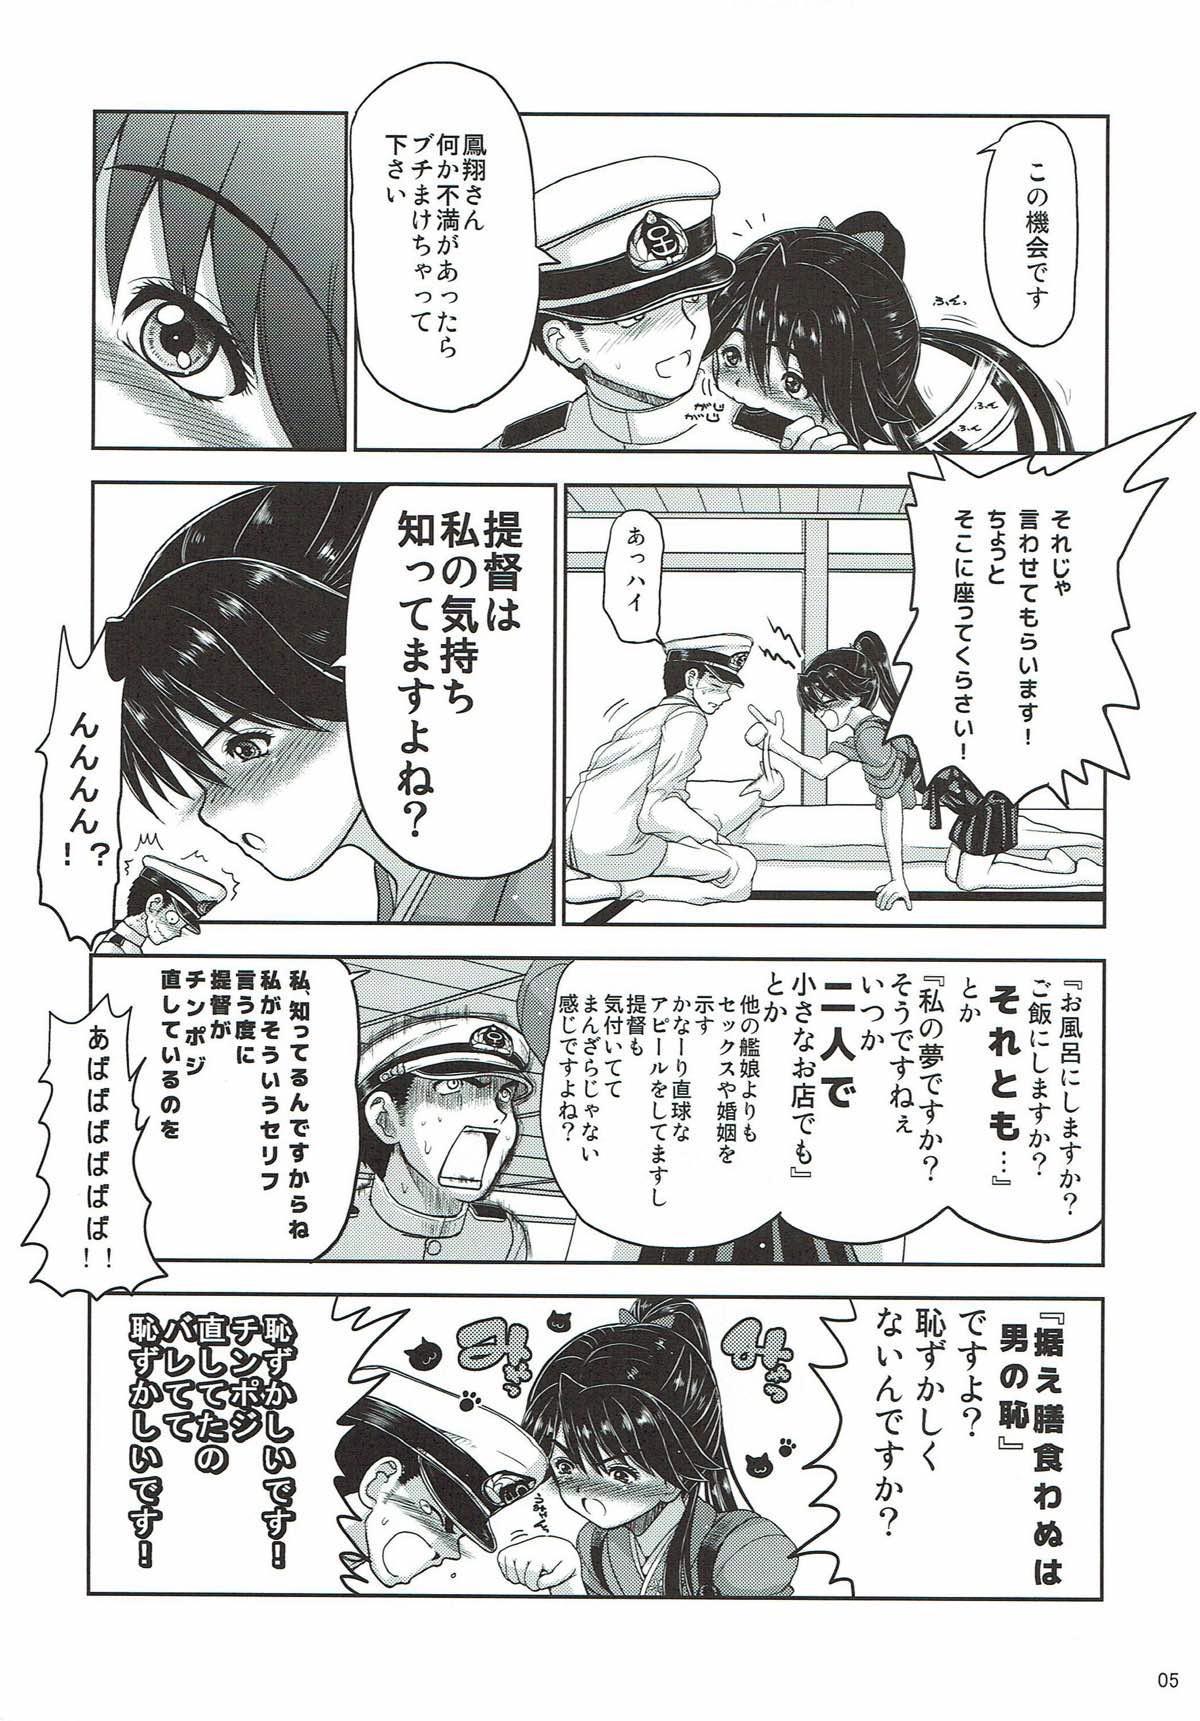 Houshou-san ga Durun Durun ni Yotte Shimattanode 3